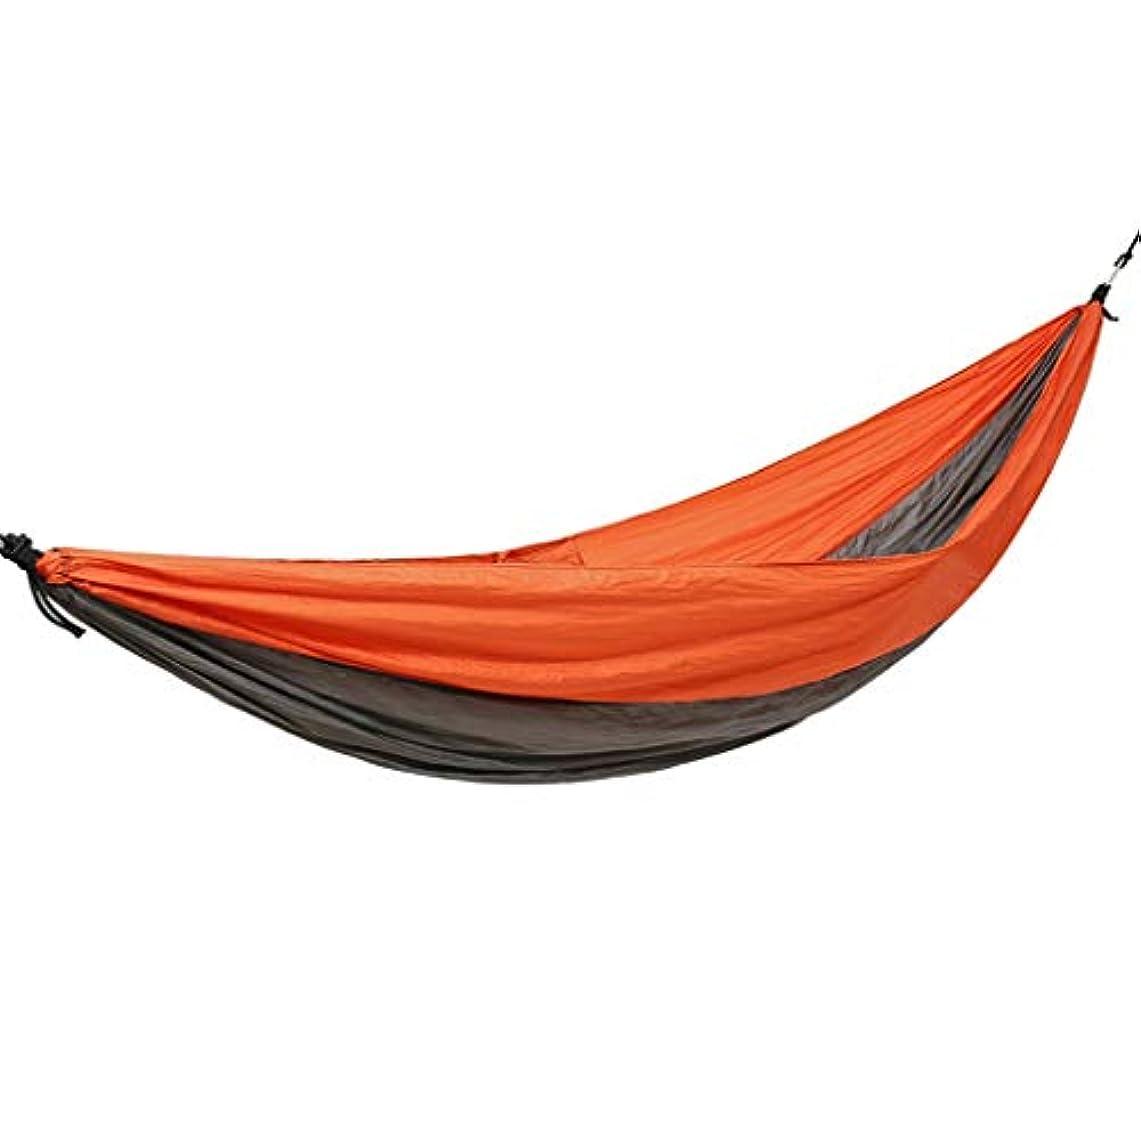 答えくつろぎ技術者ハンモック ハンモック屋外レジャーハンモック キャンプ睡眠スイングハンモック ホームガーデンハンモック睡眠椅子 積載量300kg (Color : Orange, Size : 260*140cm)